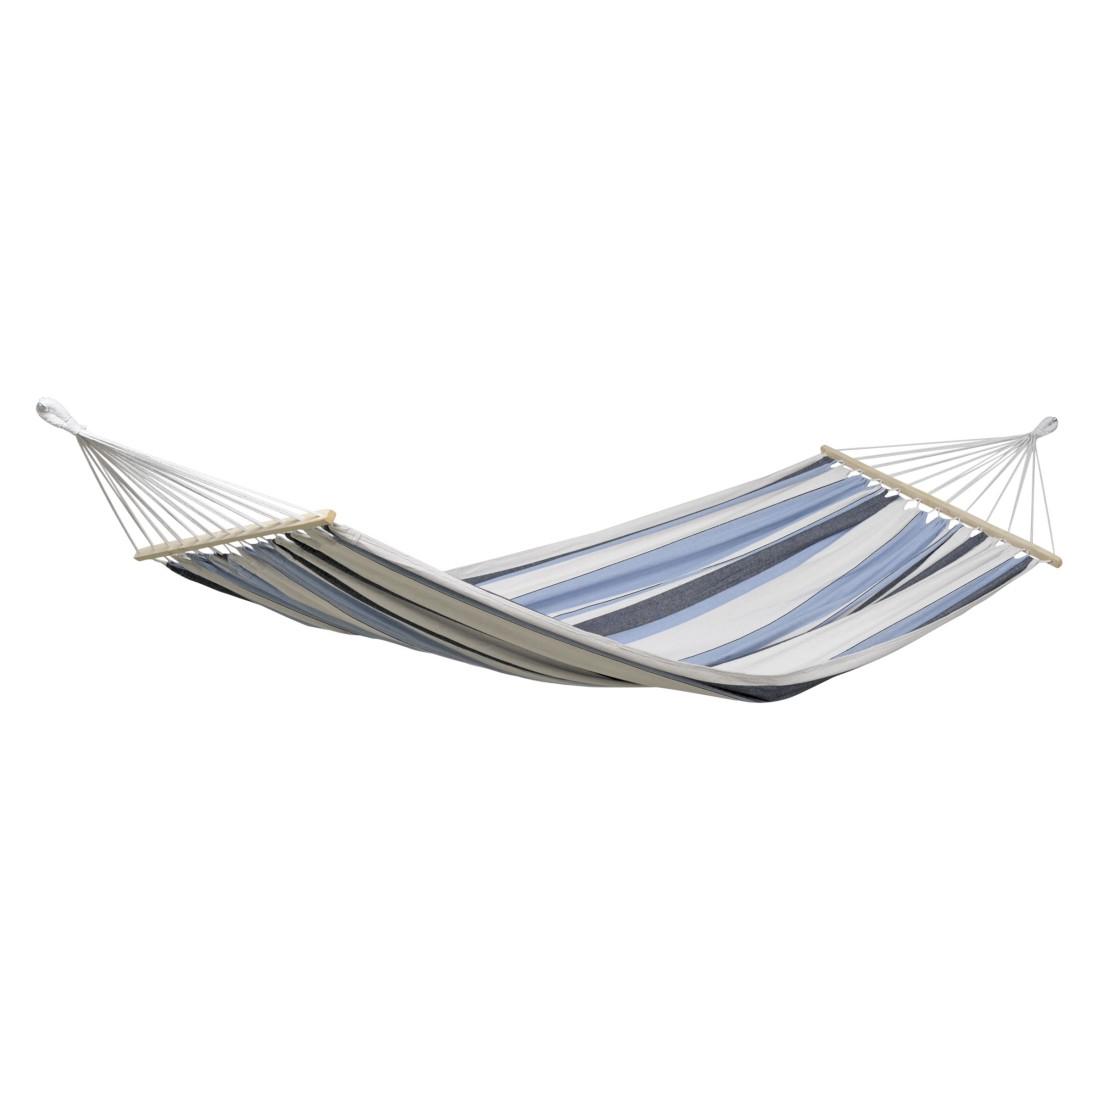 Stabhängematte Samba marine - Baumwolle Streifen Blau/Weiß/Schwarz, Amazonas